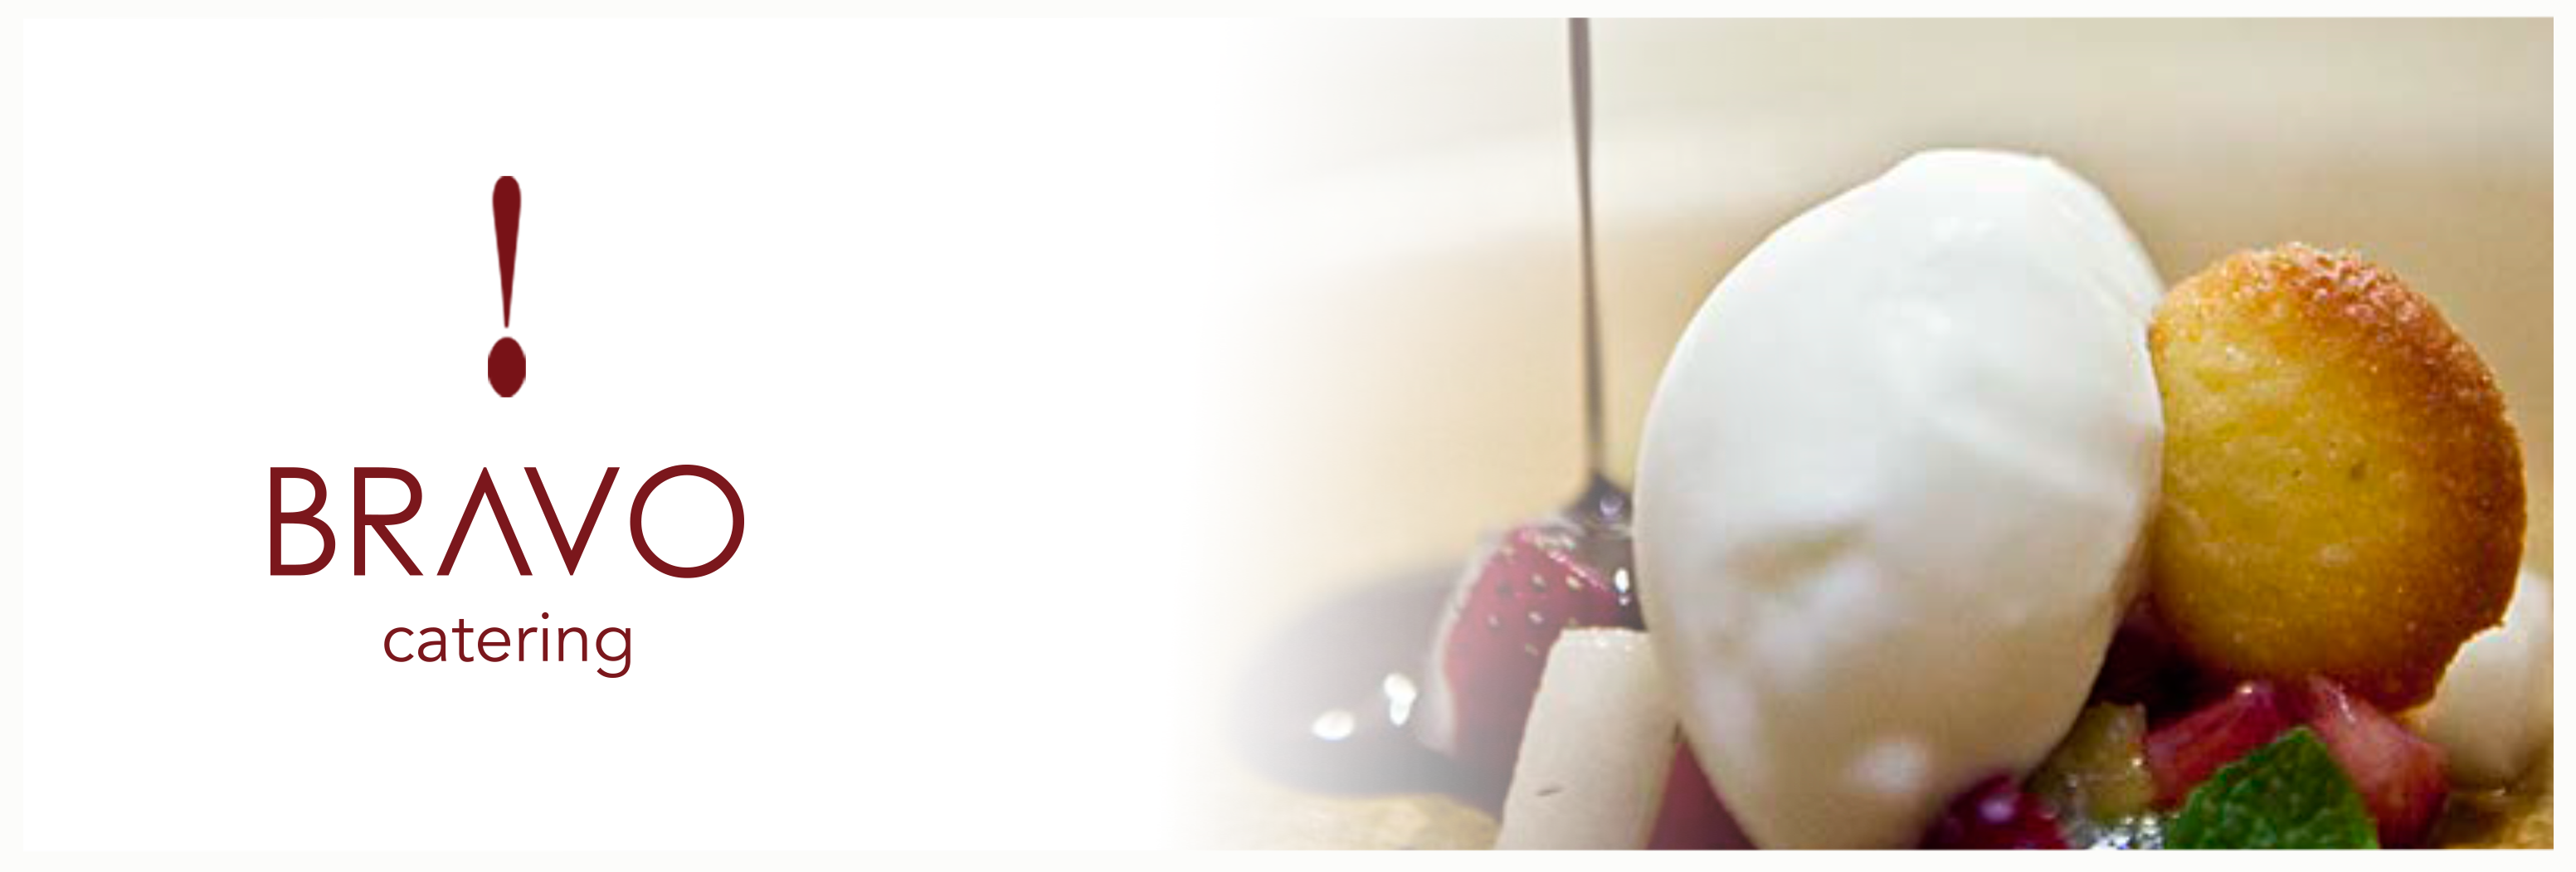 Chocolate Caliburt 68%, infusão Early gGey, frutas da temporada e sorvete de coco